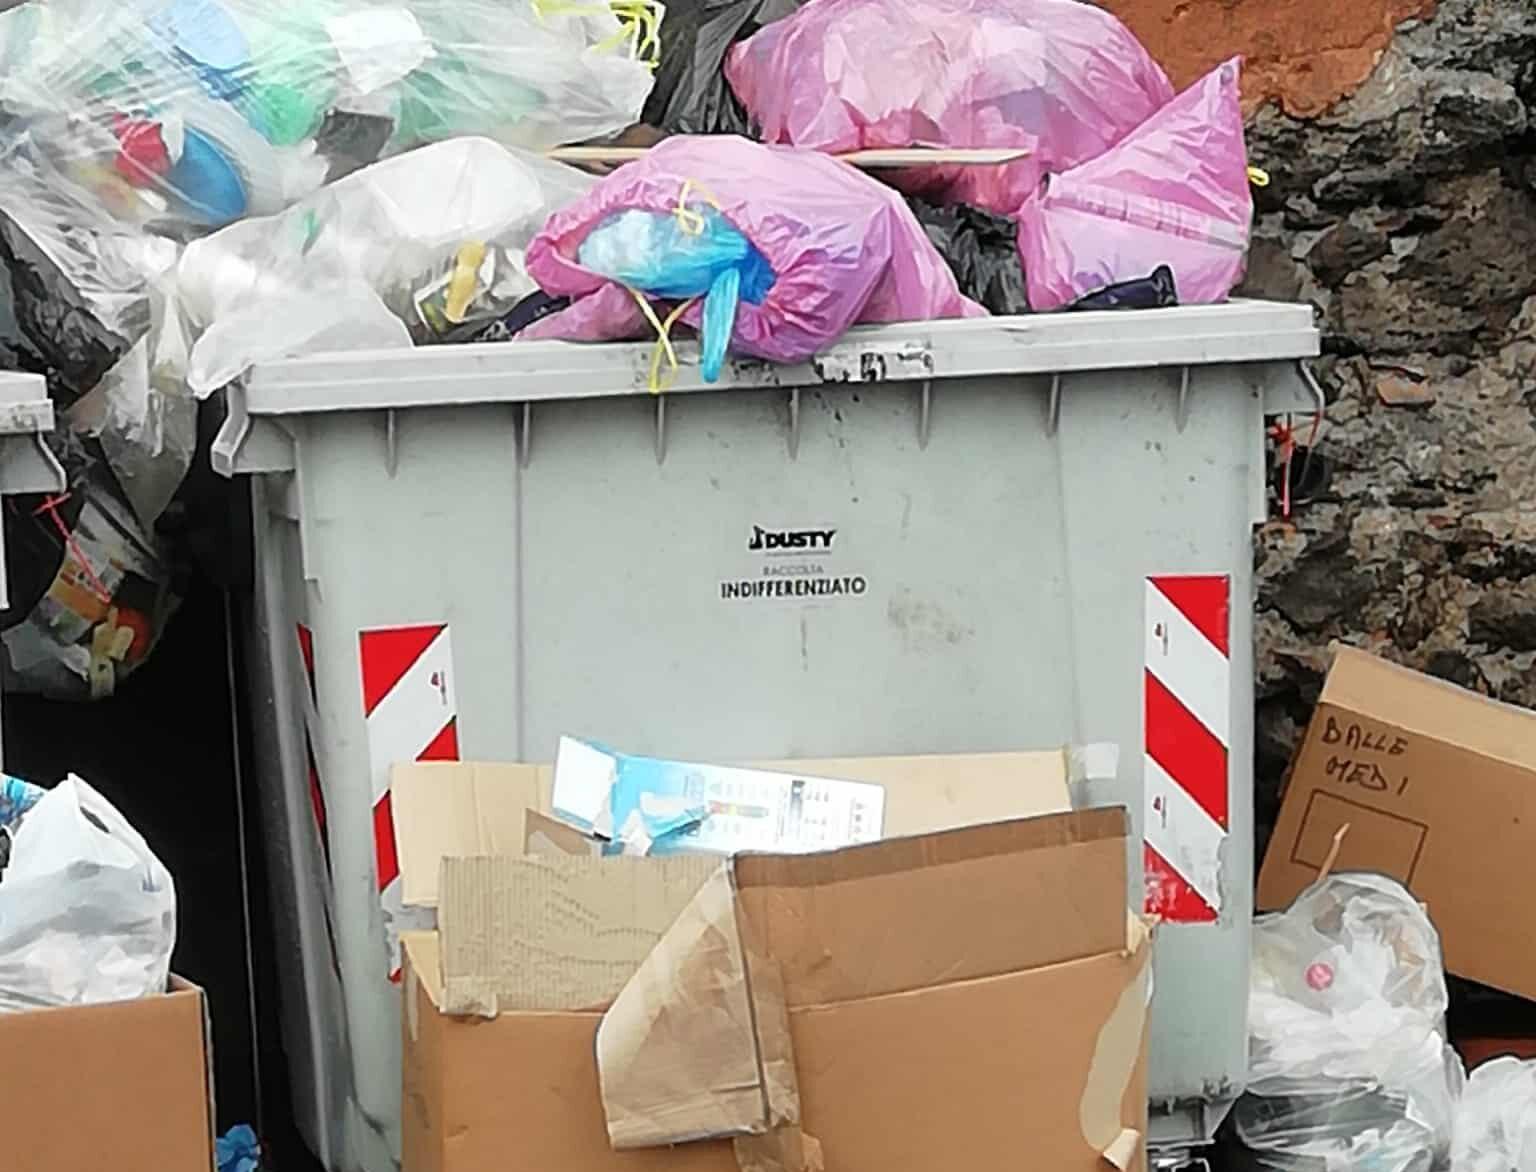 San Giovanni Galermo, rifiuti e topi in via Immacolata: la proposta di Nauta, la denuncia dei residenti – FOTO e VIDEO